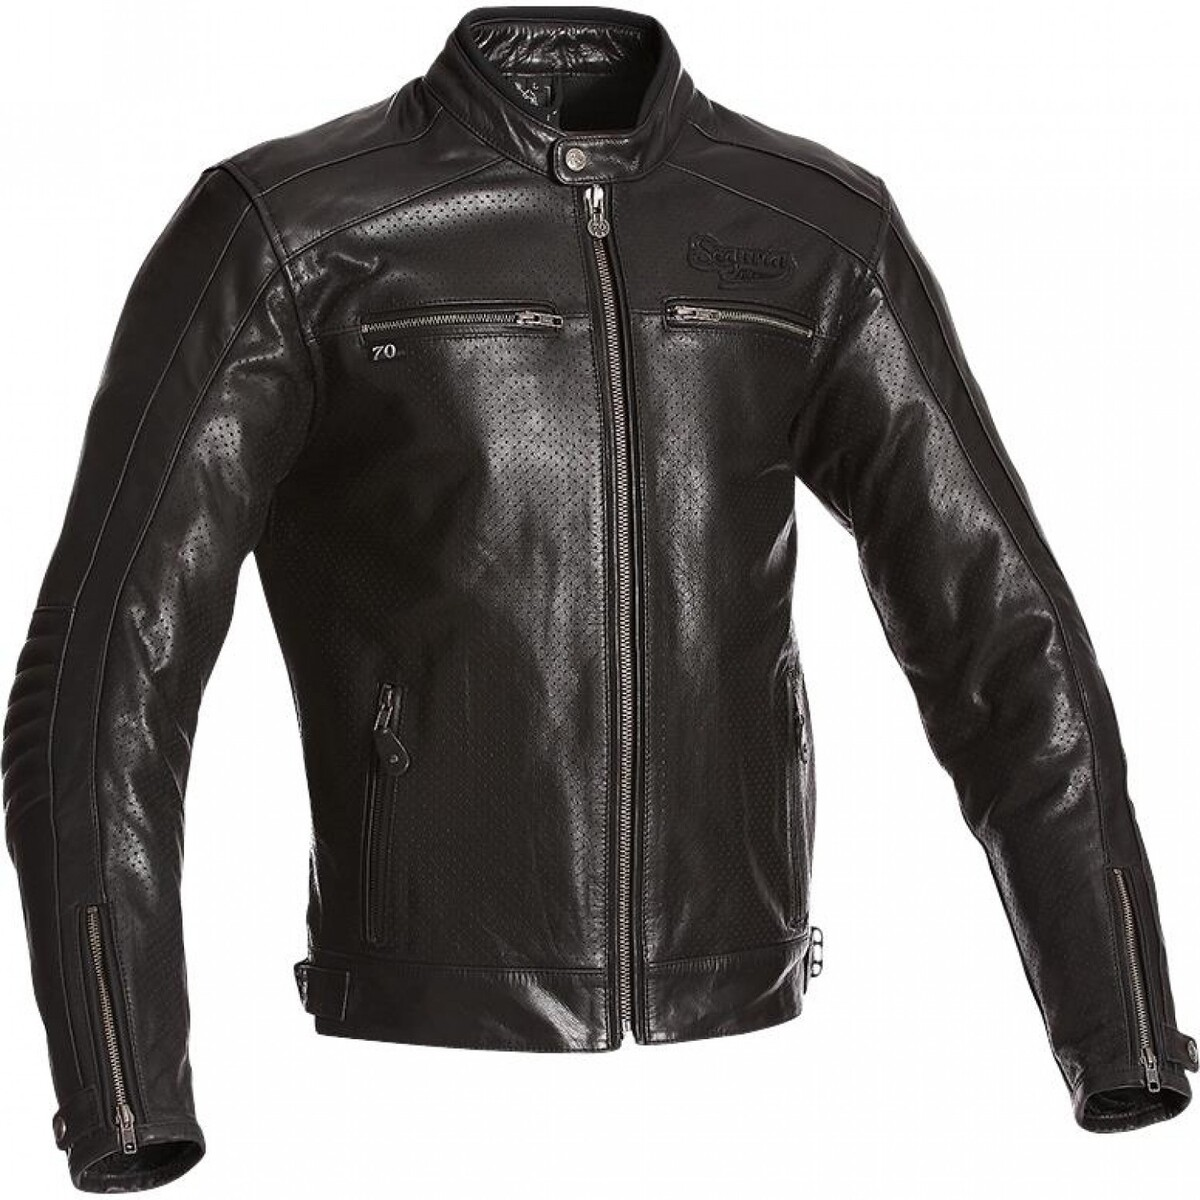 Bild 1 von Segura Iron Lederjacke schwarz Herren Größe S